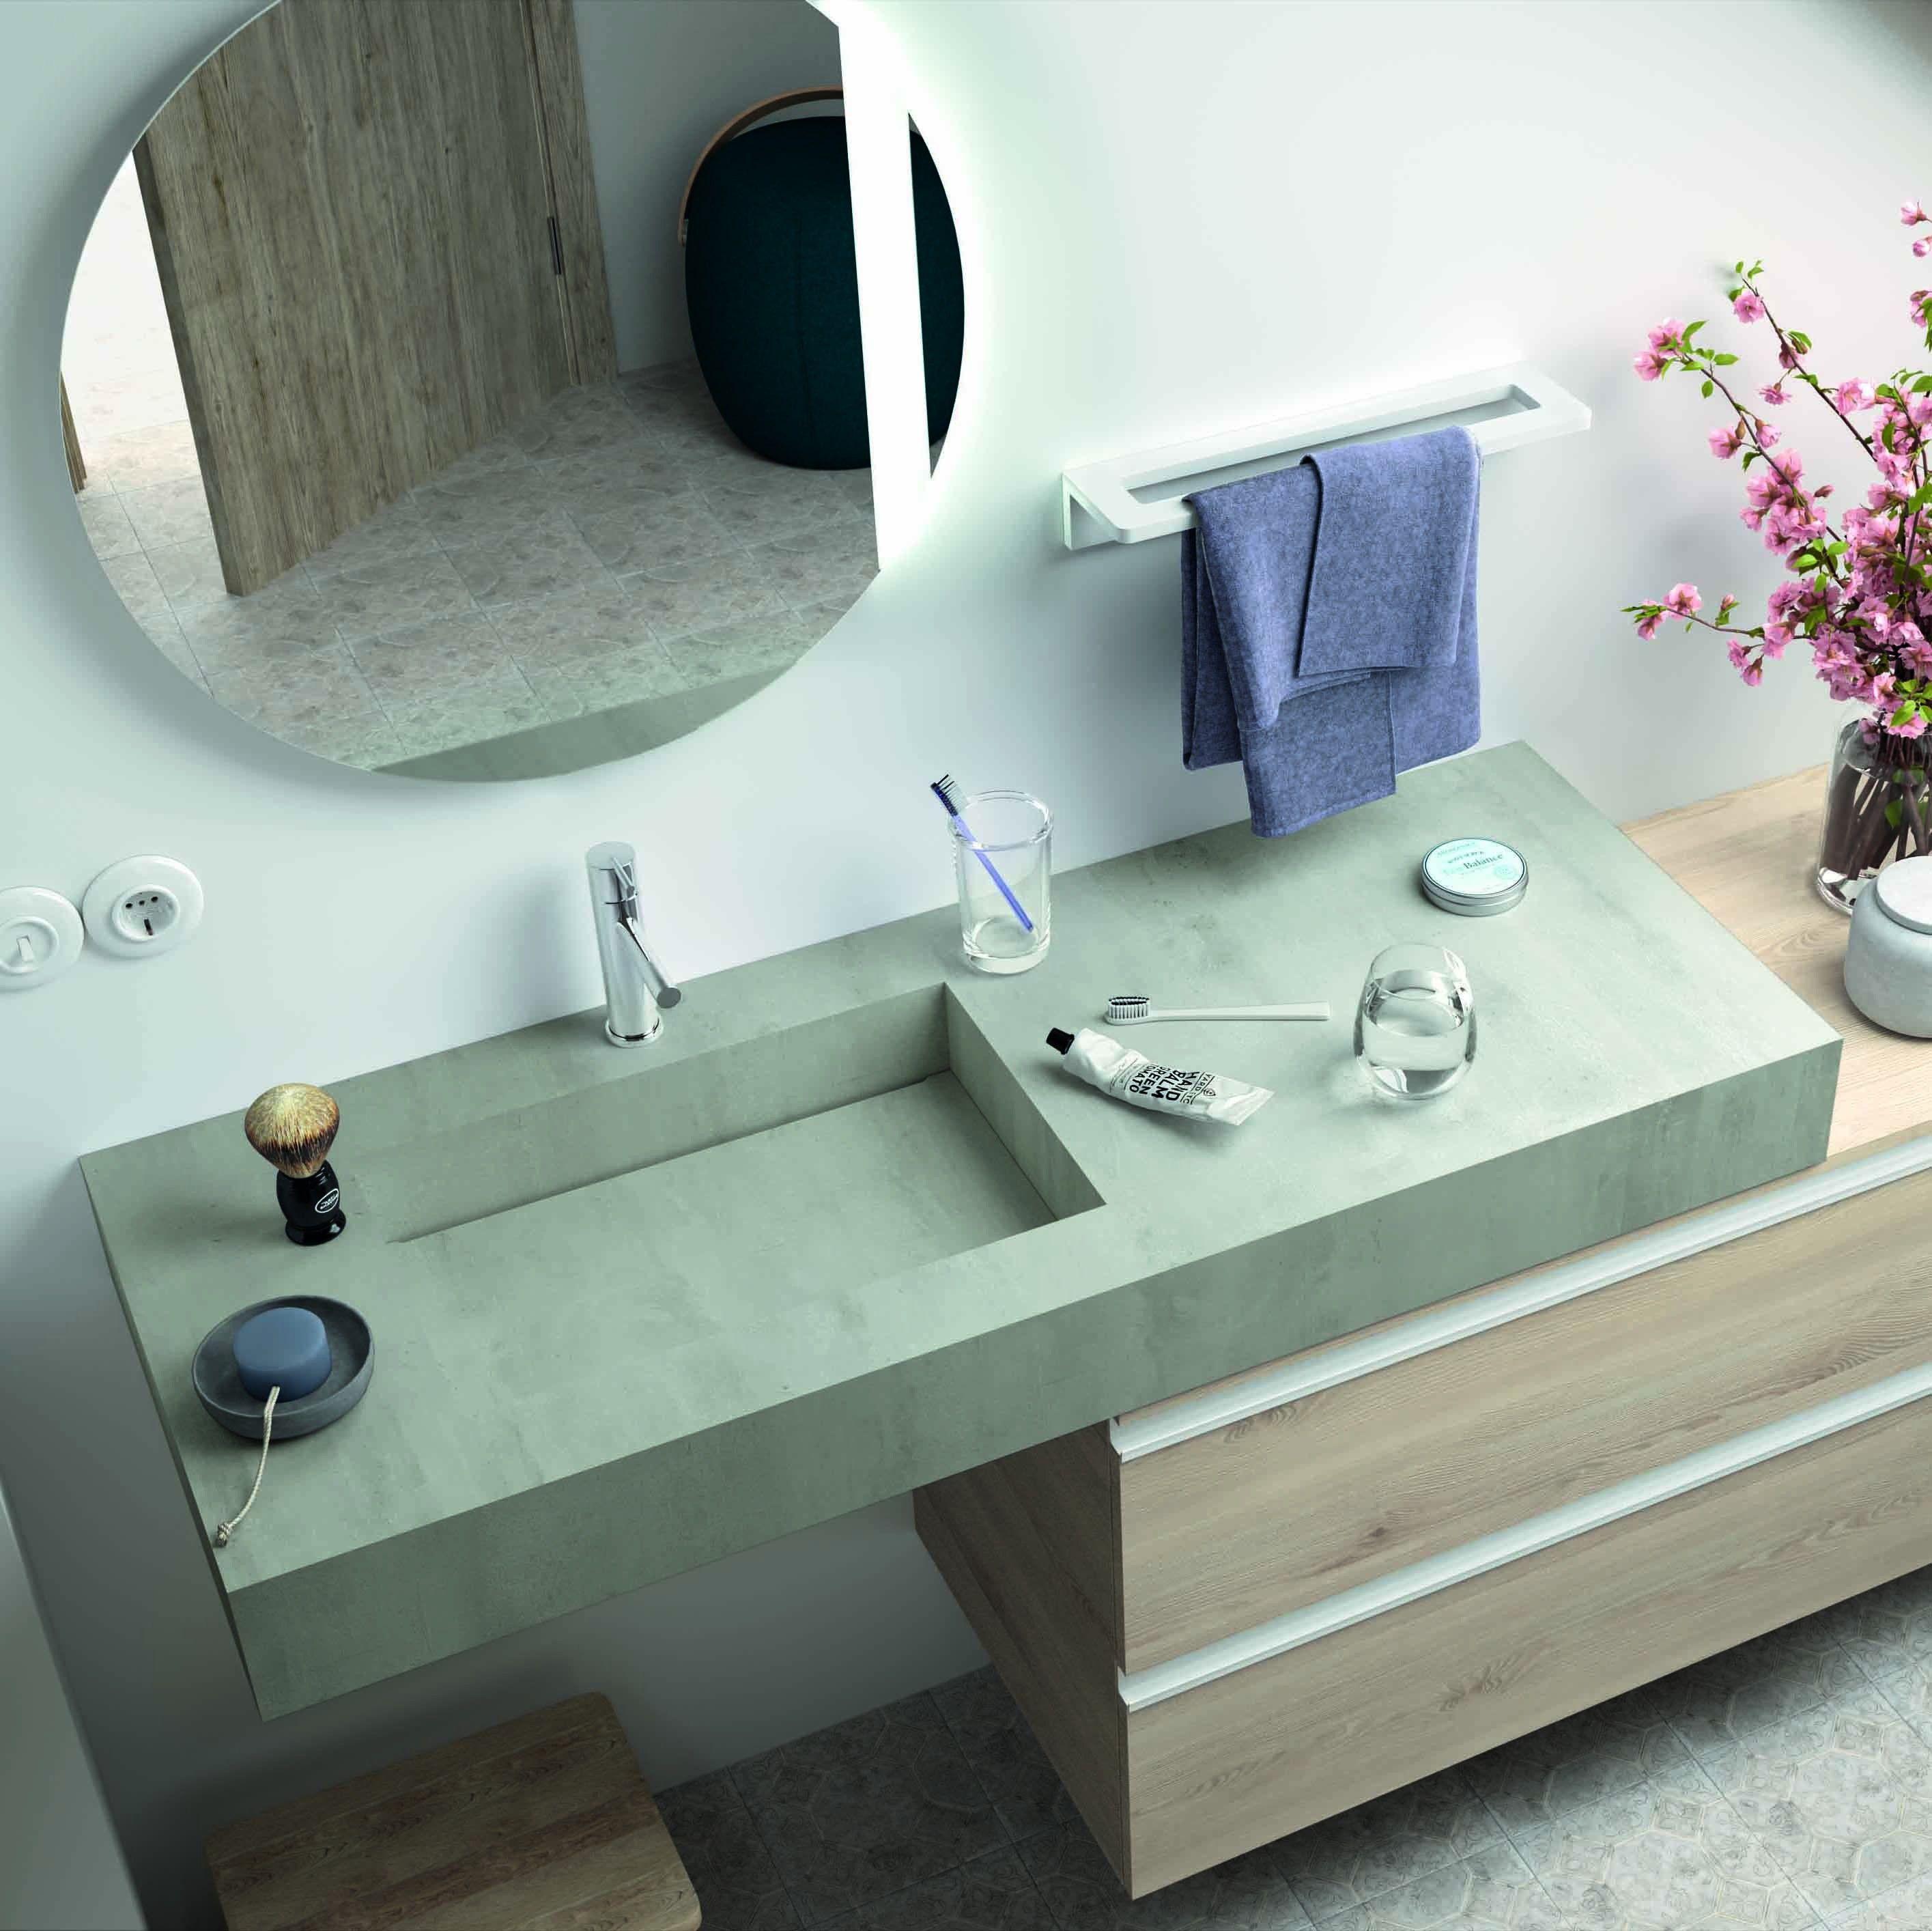 Mobile Sotto Mensola Bagno mensola stone lavabo integrato - cemento | mensole